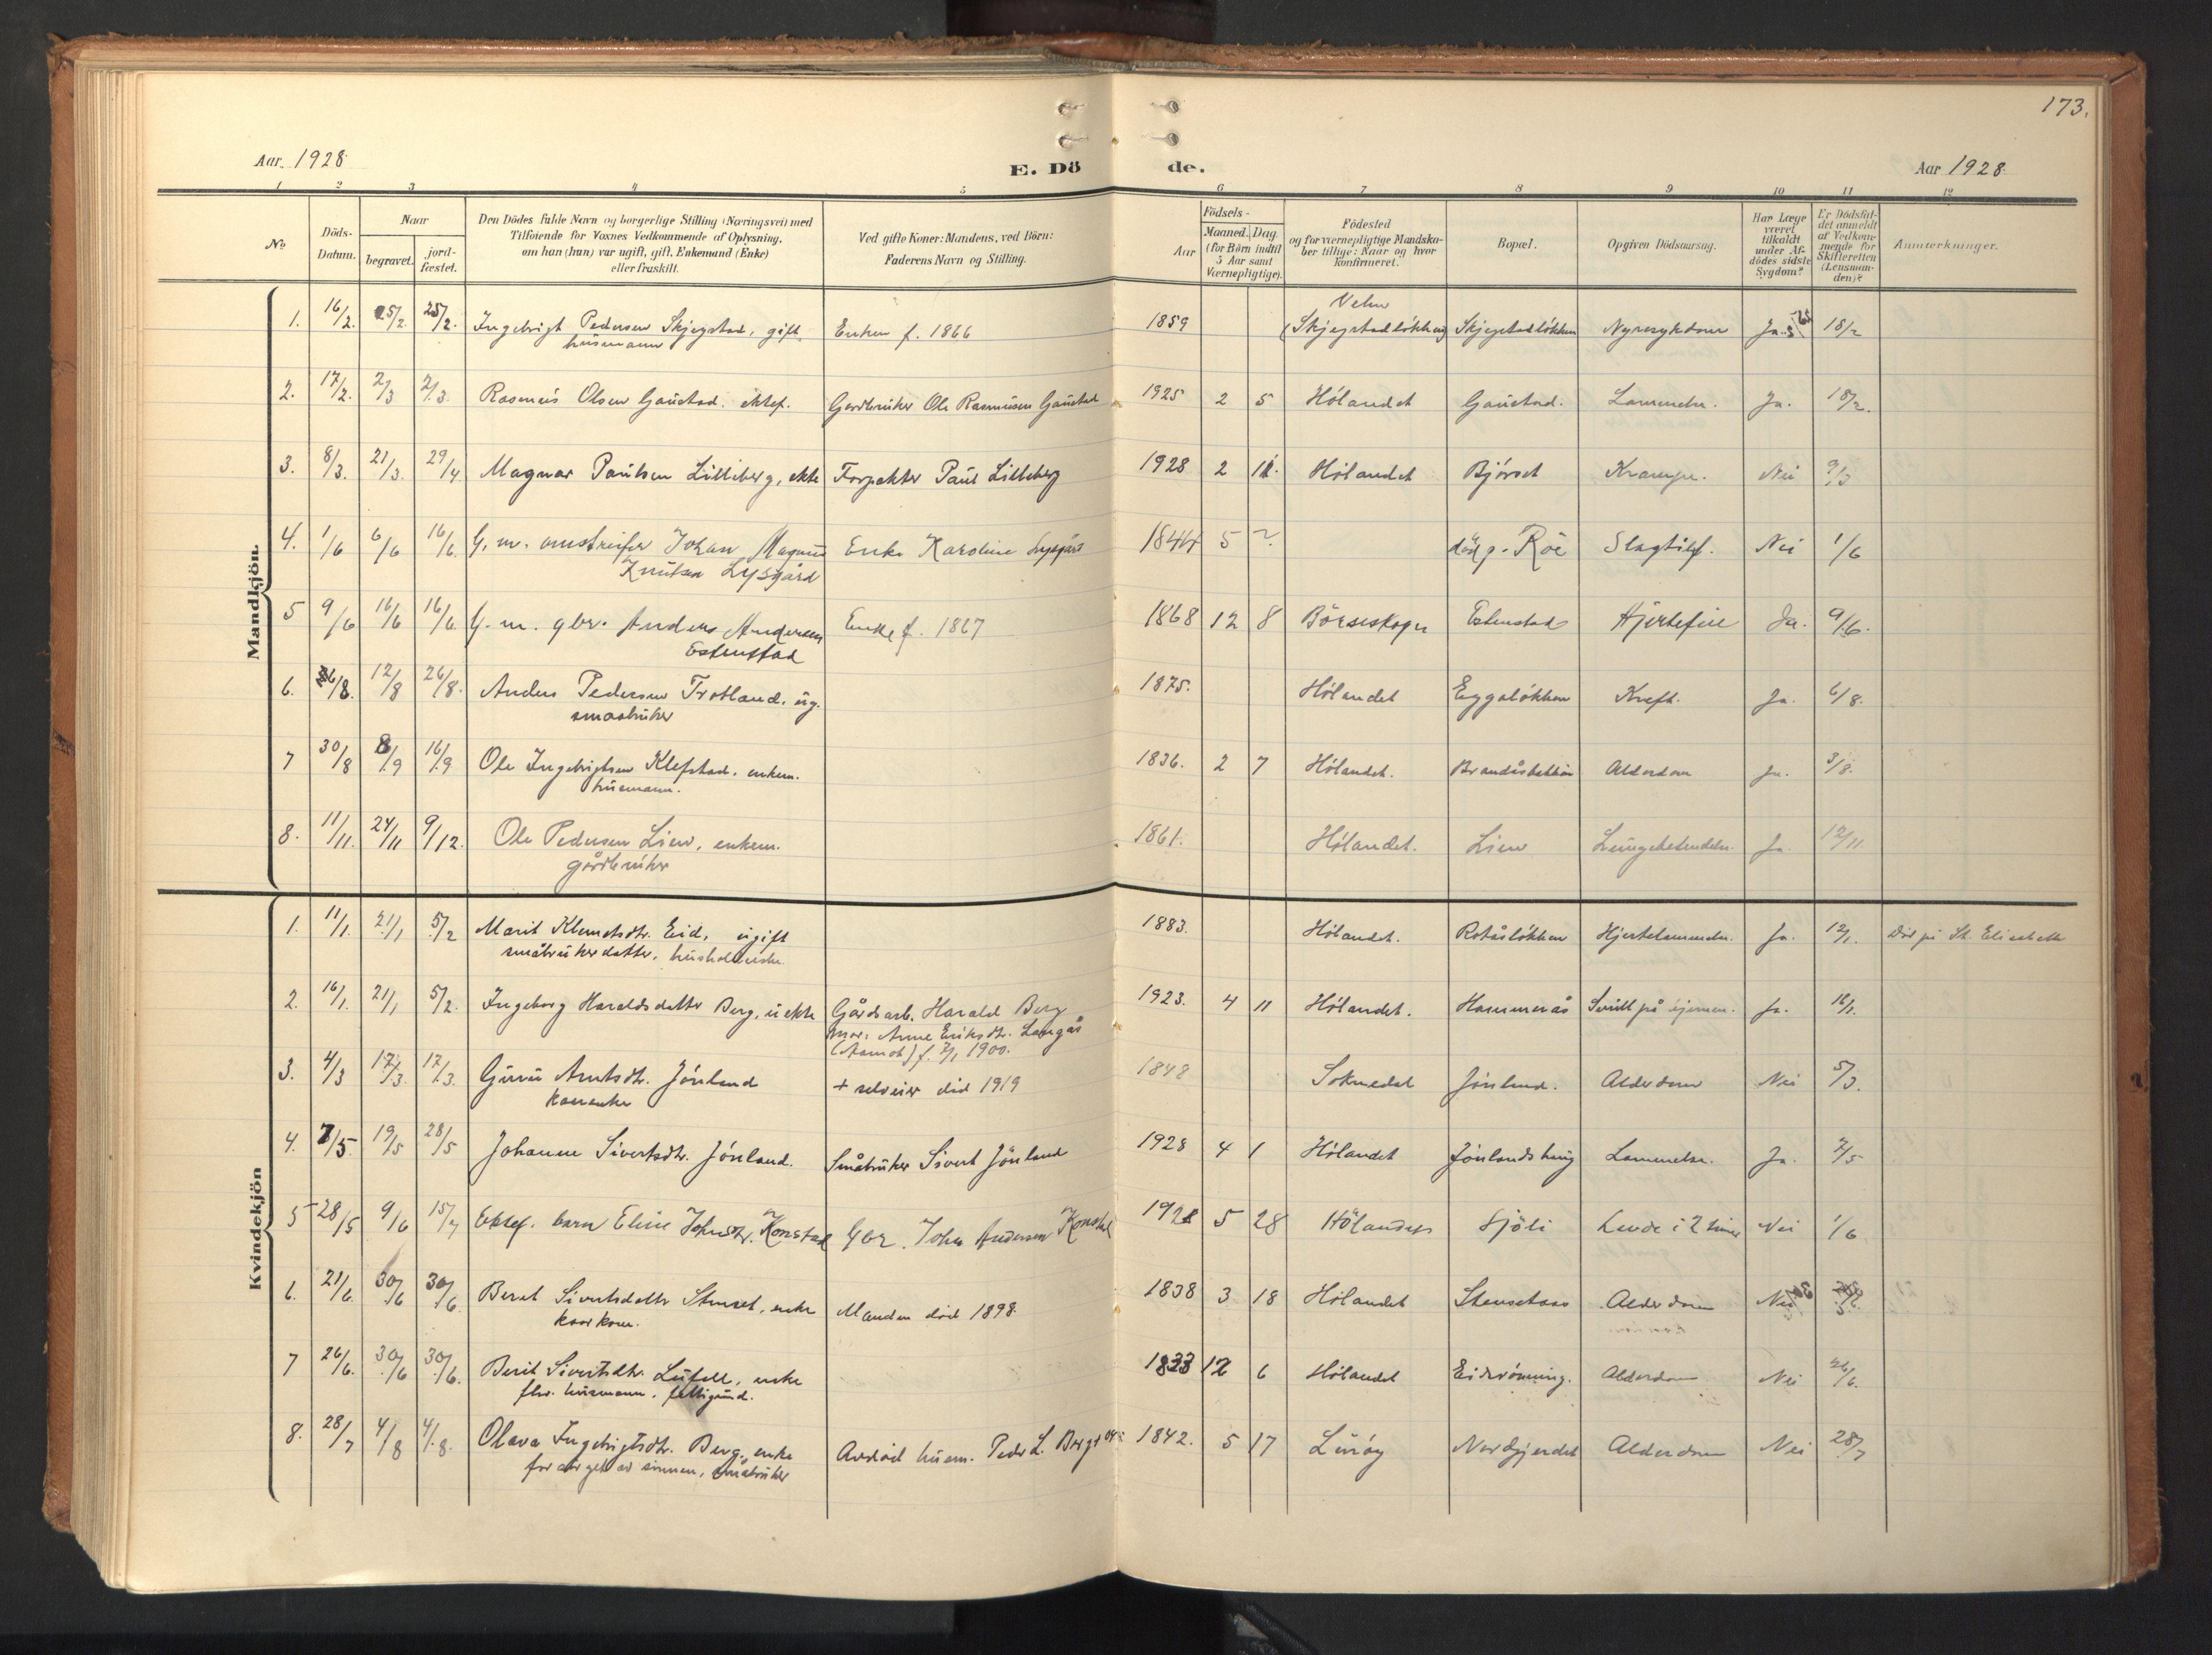 SAT, Ministerialprotokoller, klokkerbøker og fødselsregistre - Sør-Trøndelag, 694/L1128: Ministerialbok nr. 694A02, 1906-1931, s. 173